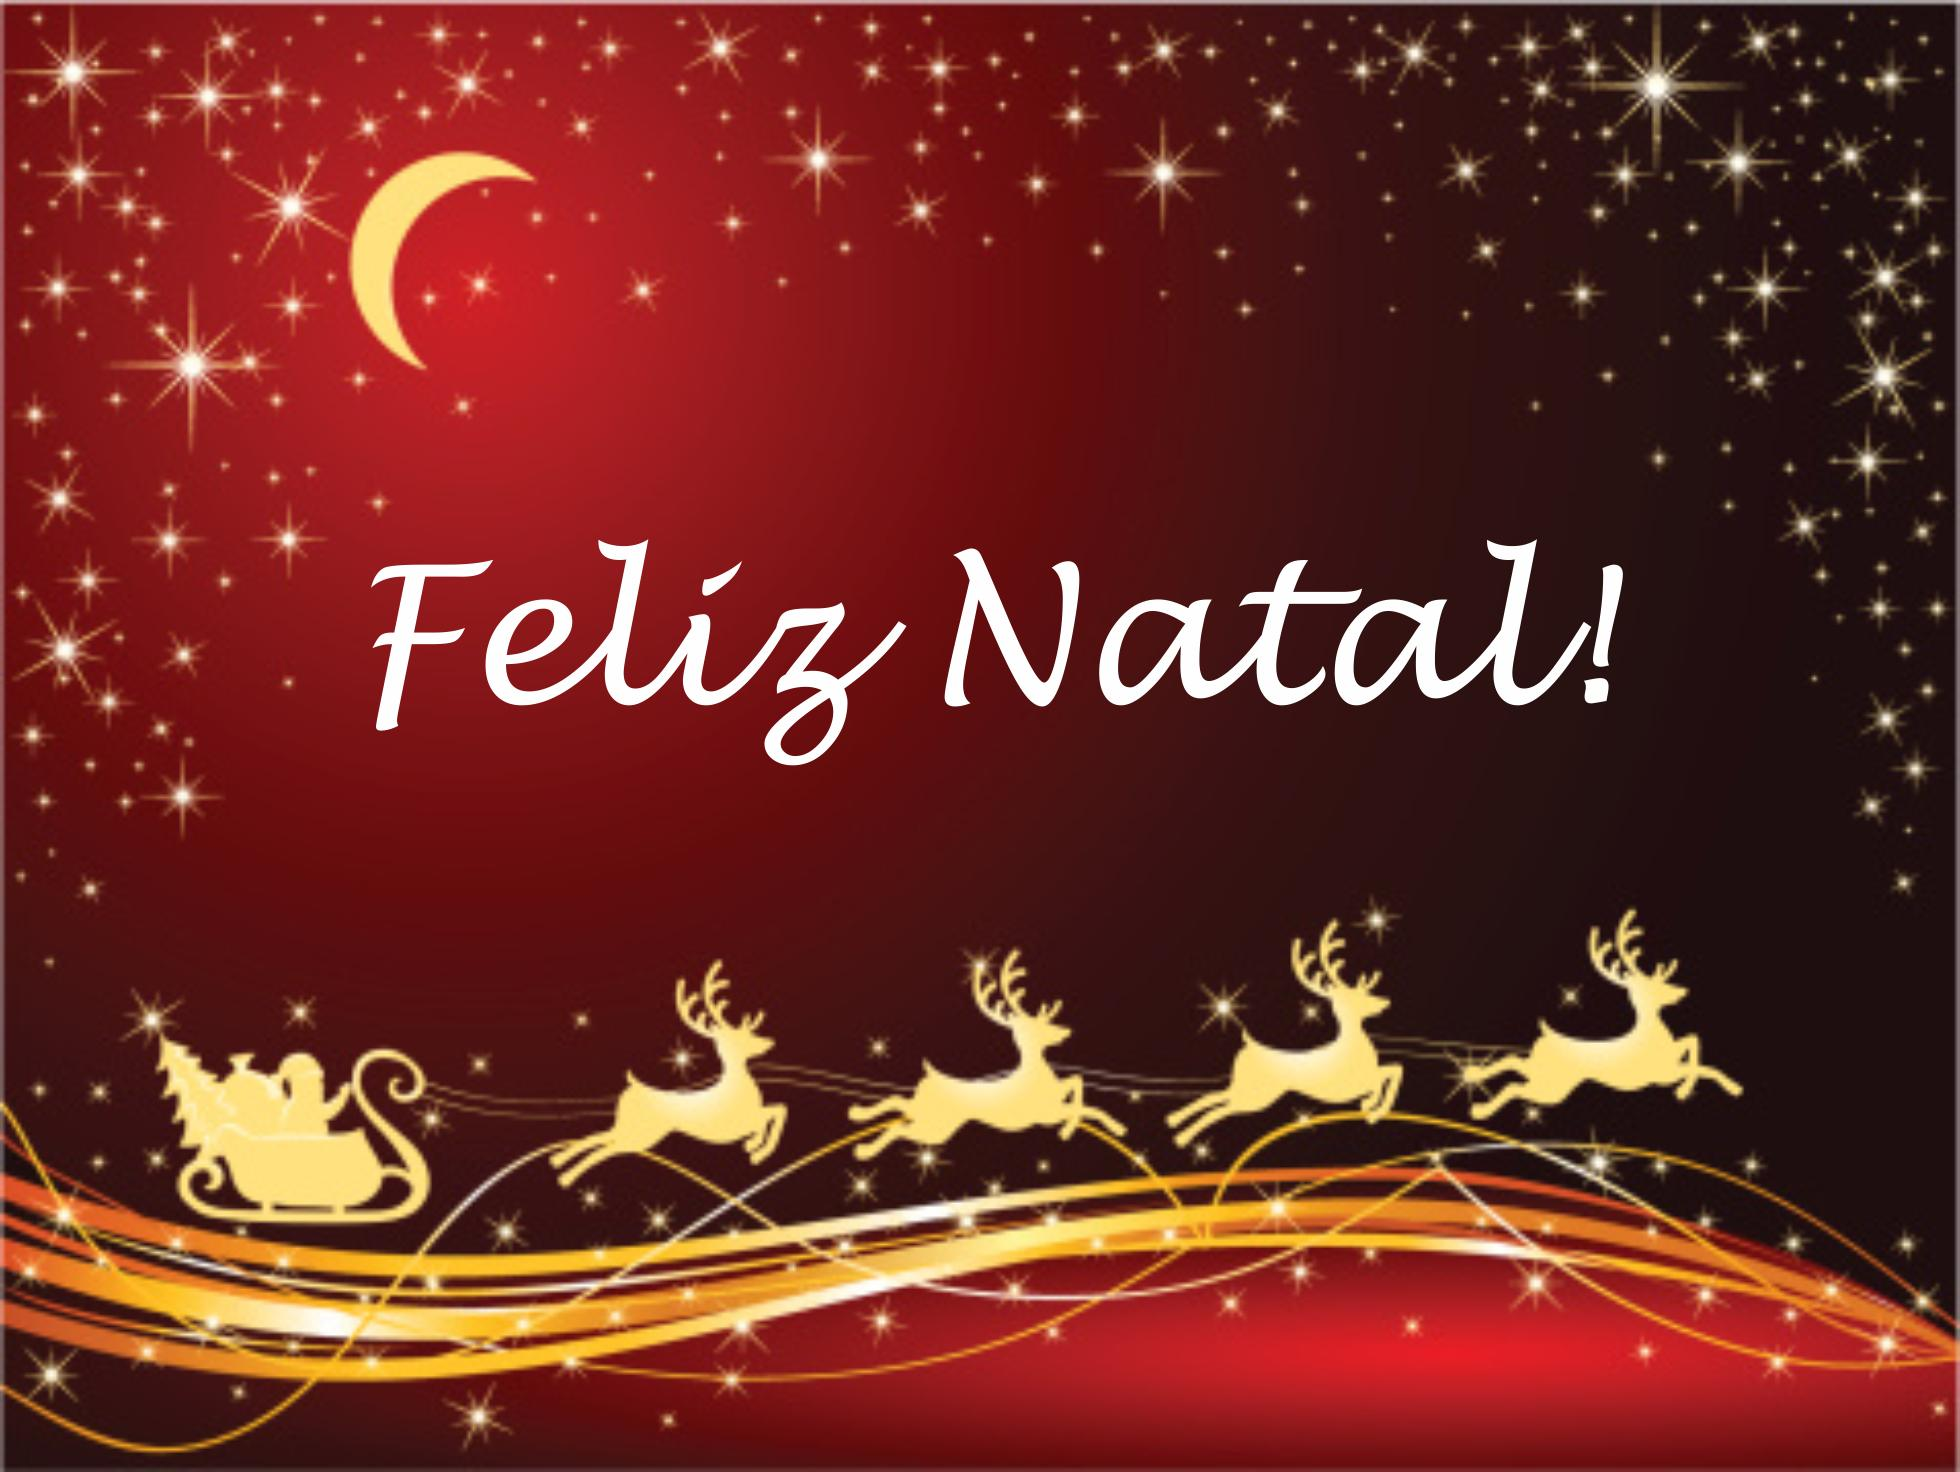 Feliz Natal Frases Com Imagens Bonitas For Android Apk